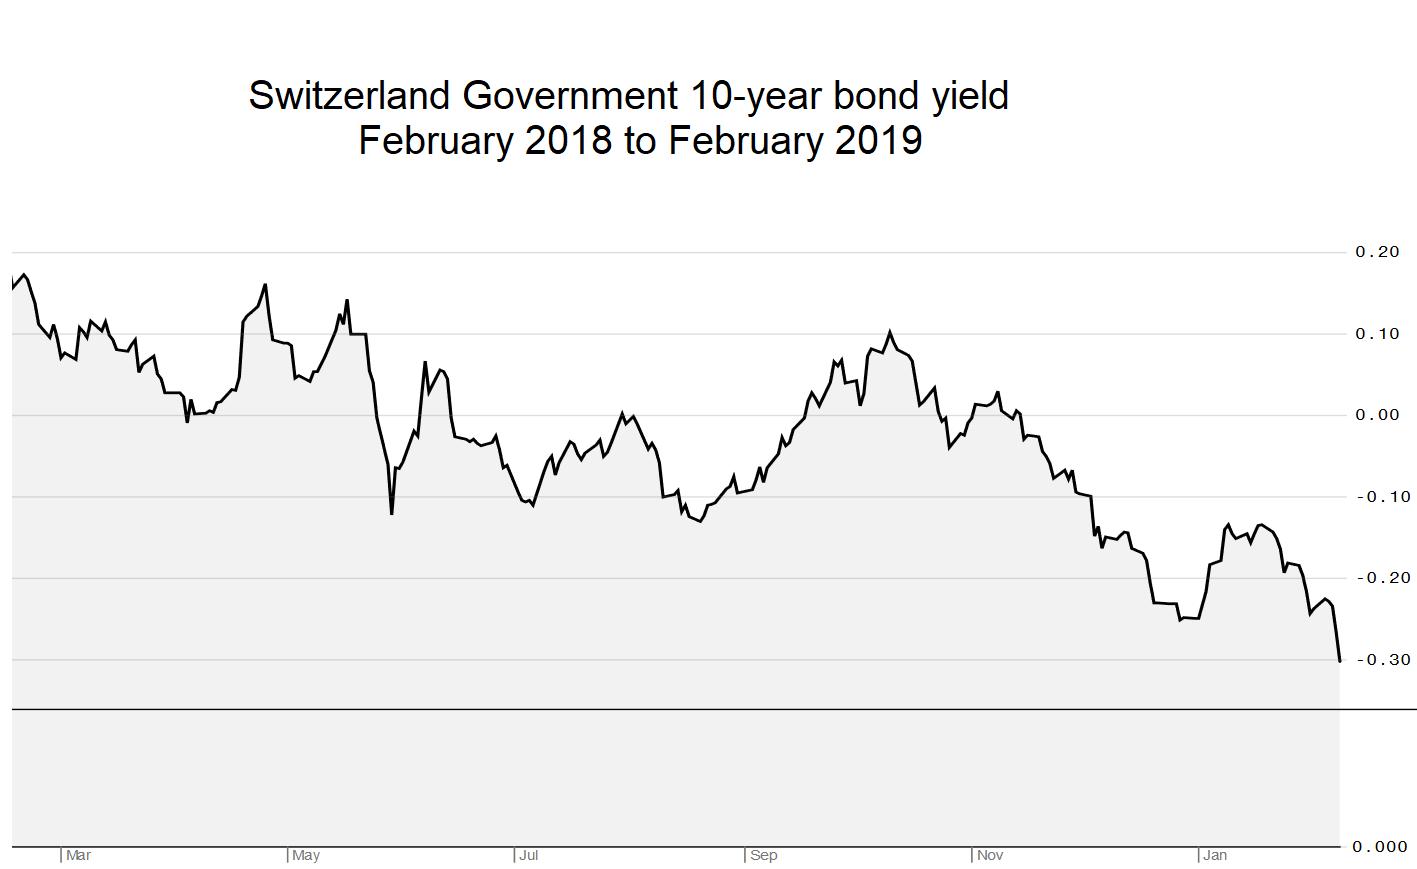 Switzerland 10 year government bond yield February 2019